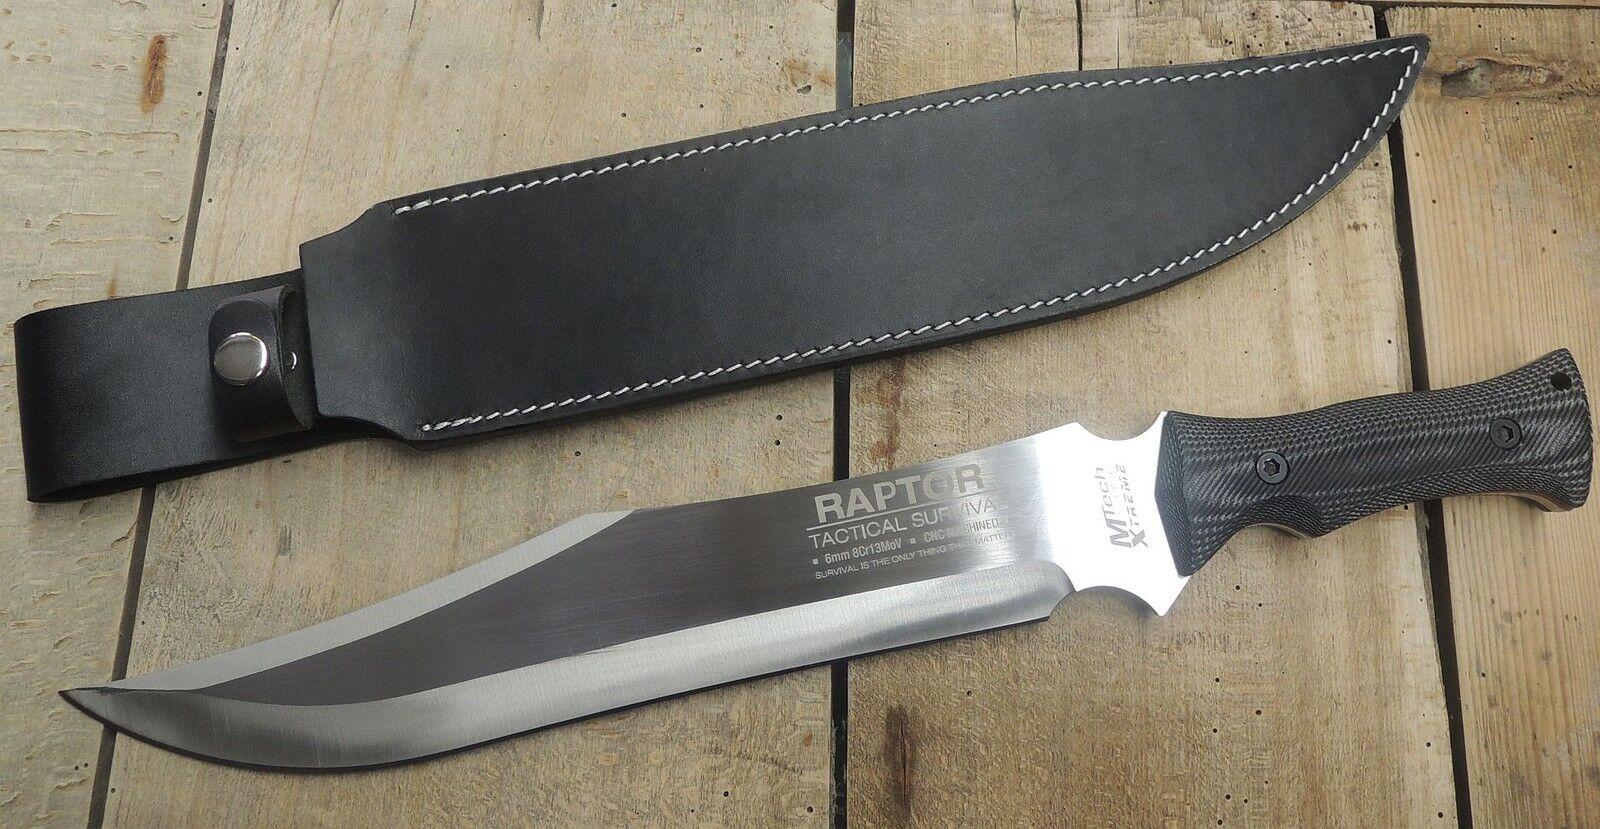 MTECH Xtreme Raptor Messer Machete Buschmesser 8Cr13MoV Stahl Micarta Micarta Micarta MX8070 d5f975